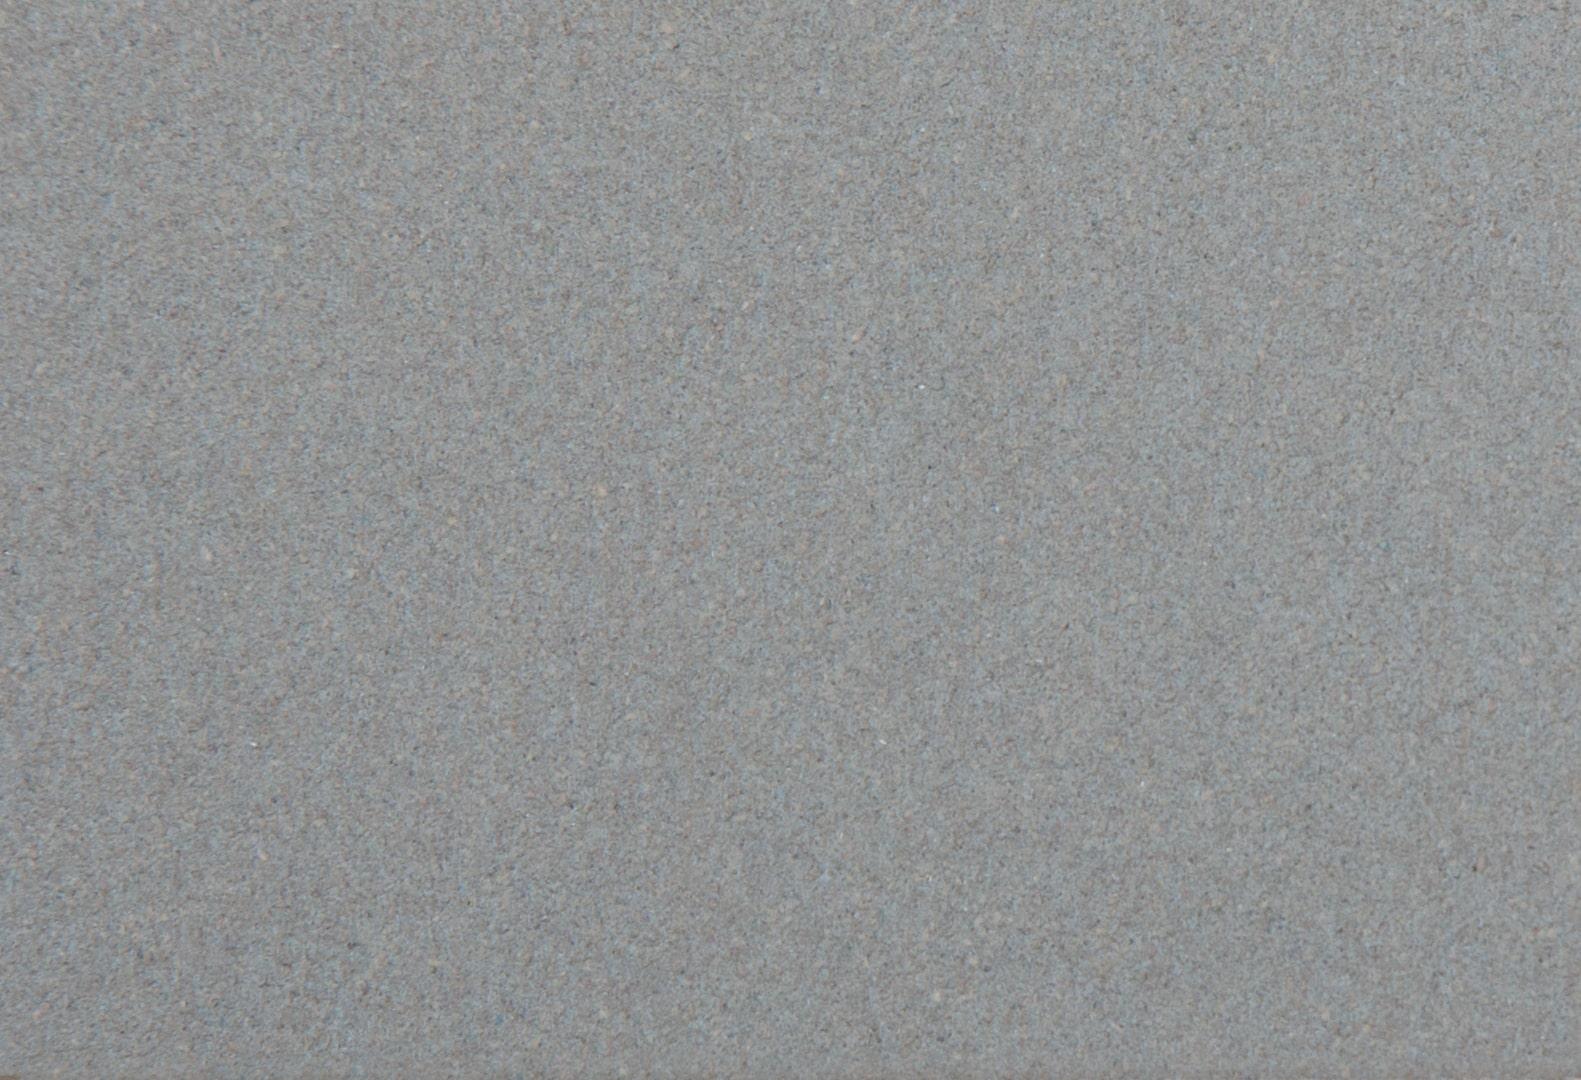 Korklinoltafel_grau-minsjRVVW3QWaFrH